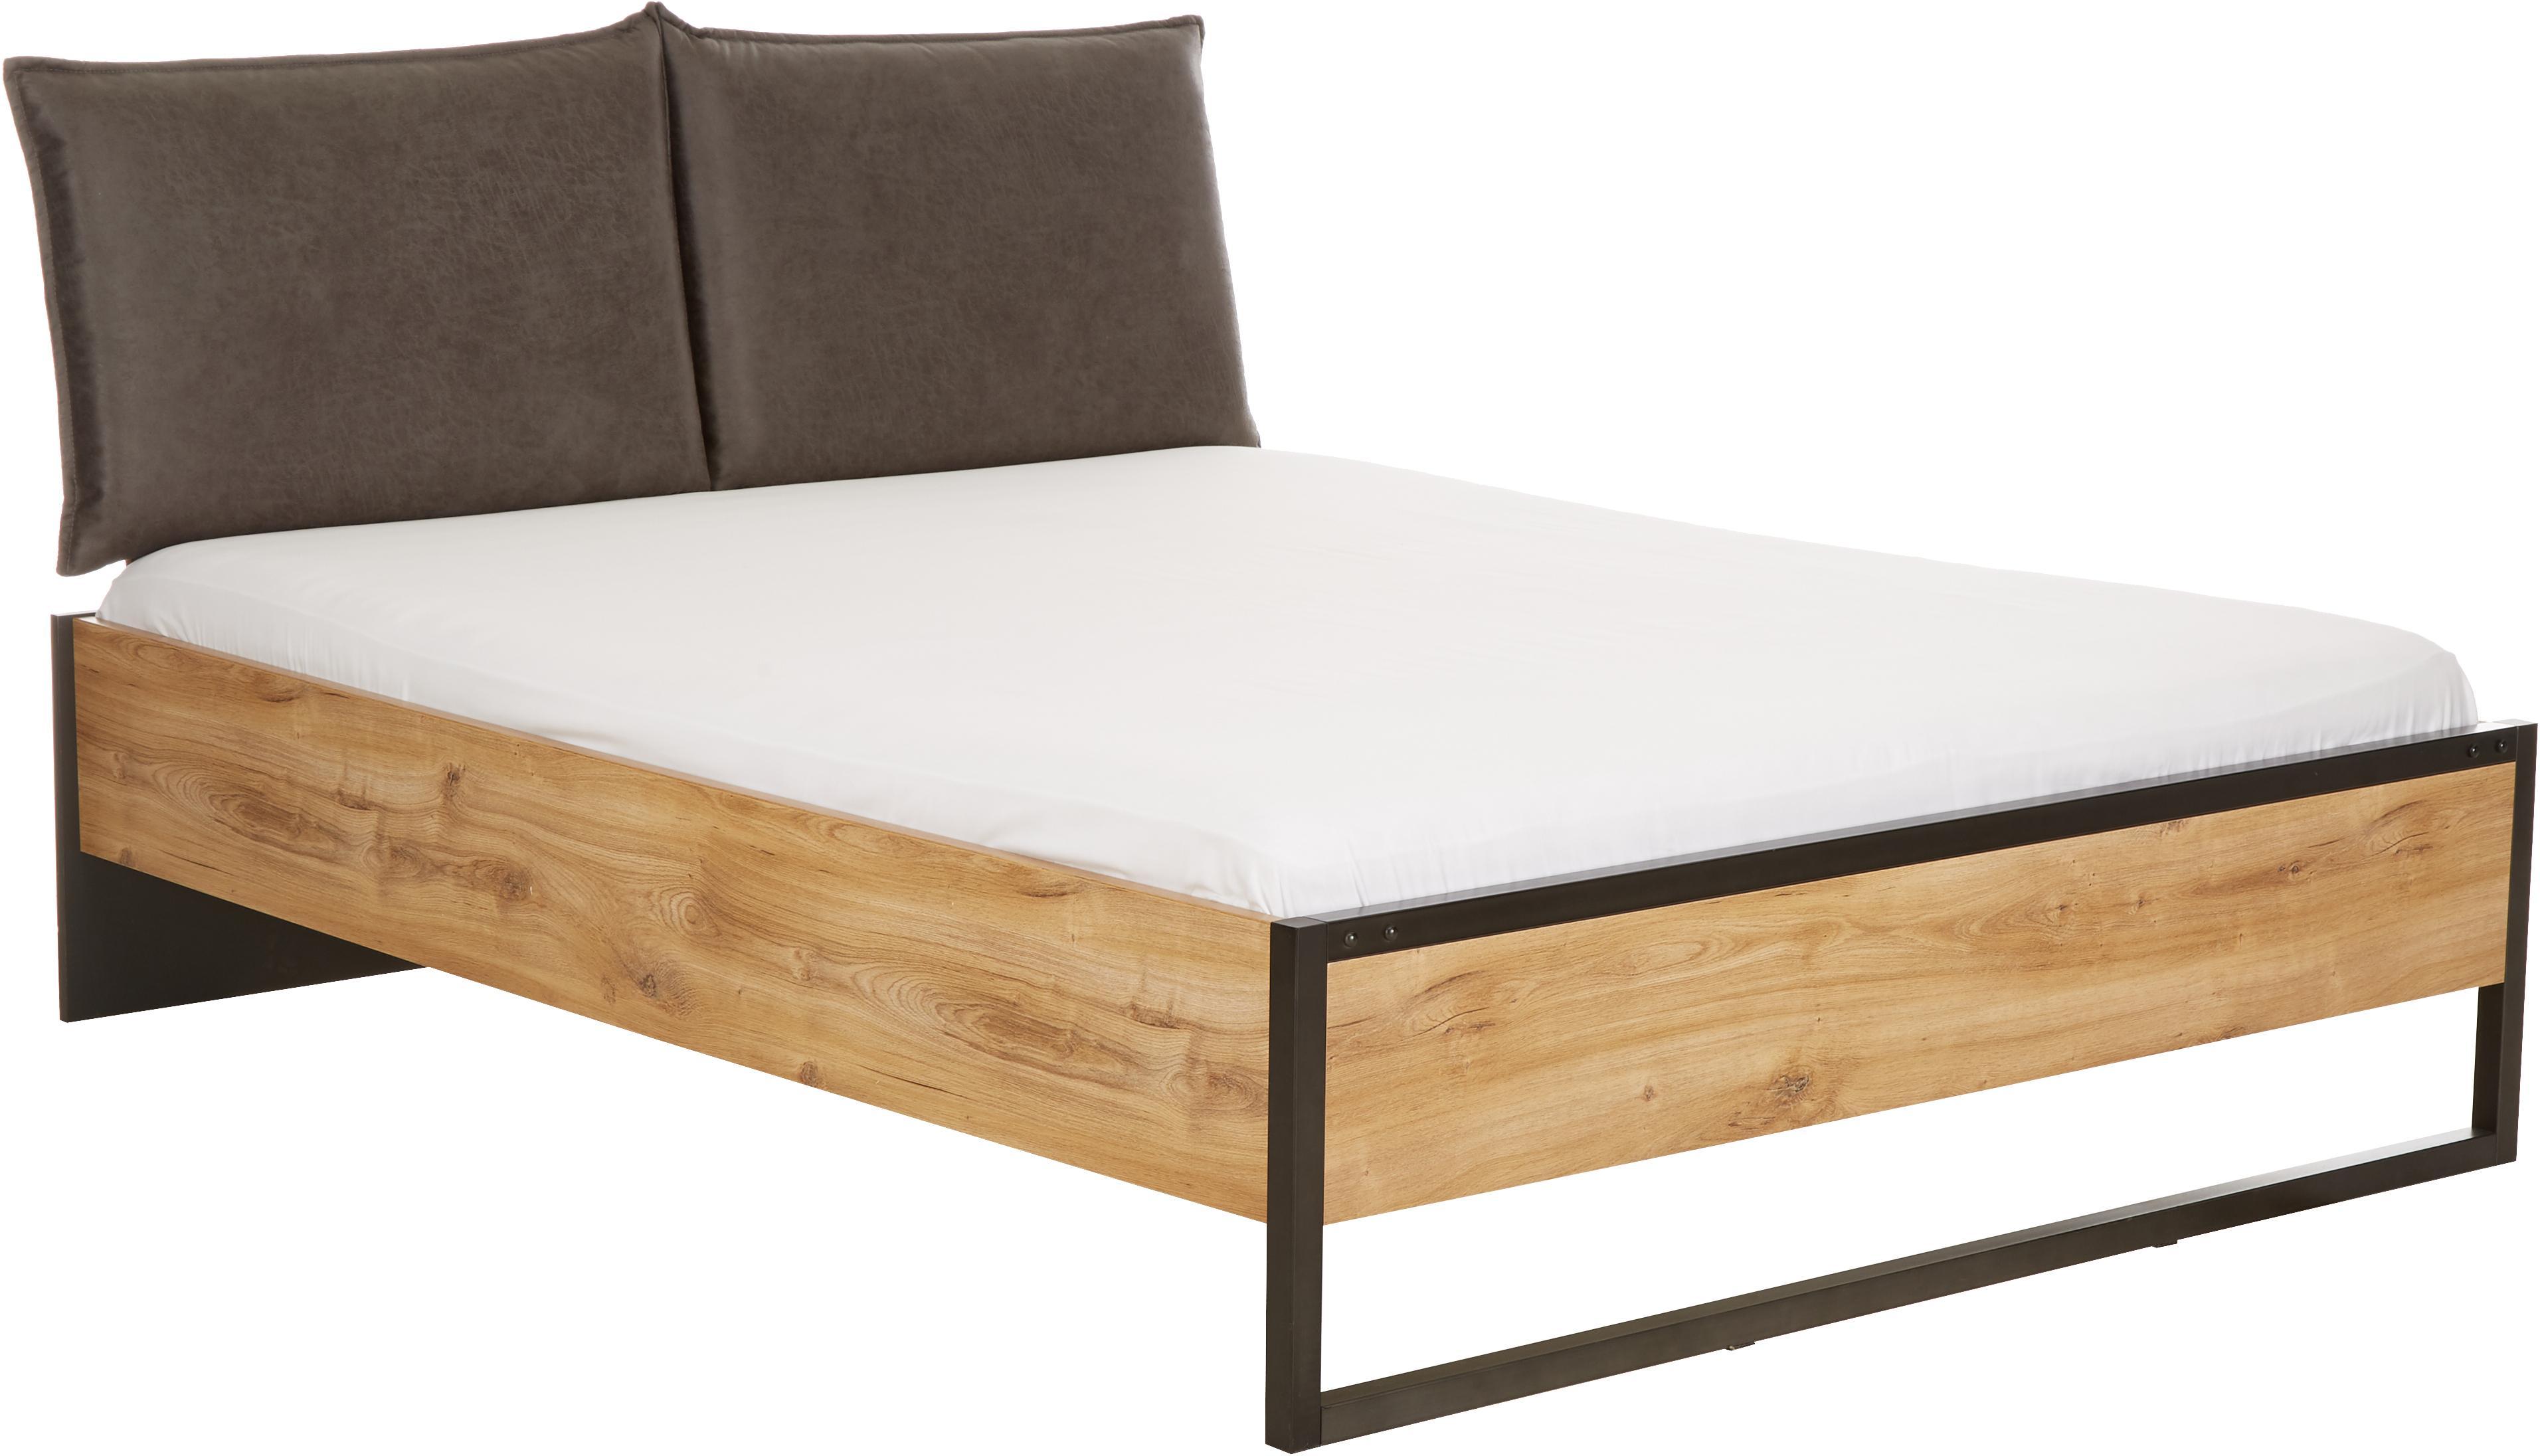 Łóżko z drewna Detroit, Stelaż: płyta pilśniowa średniej , Nogi: metal malowany proszkowo, Deska dębowa, 180 x 200 cm